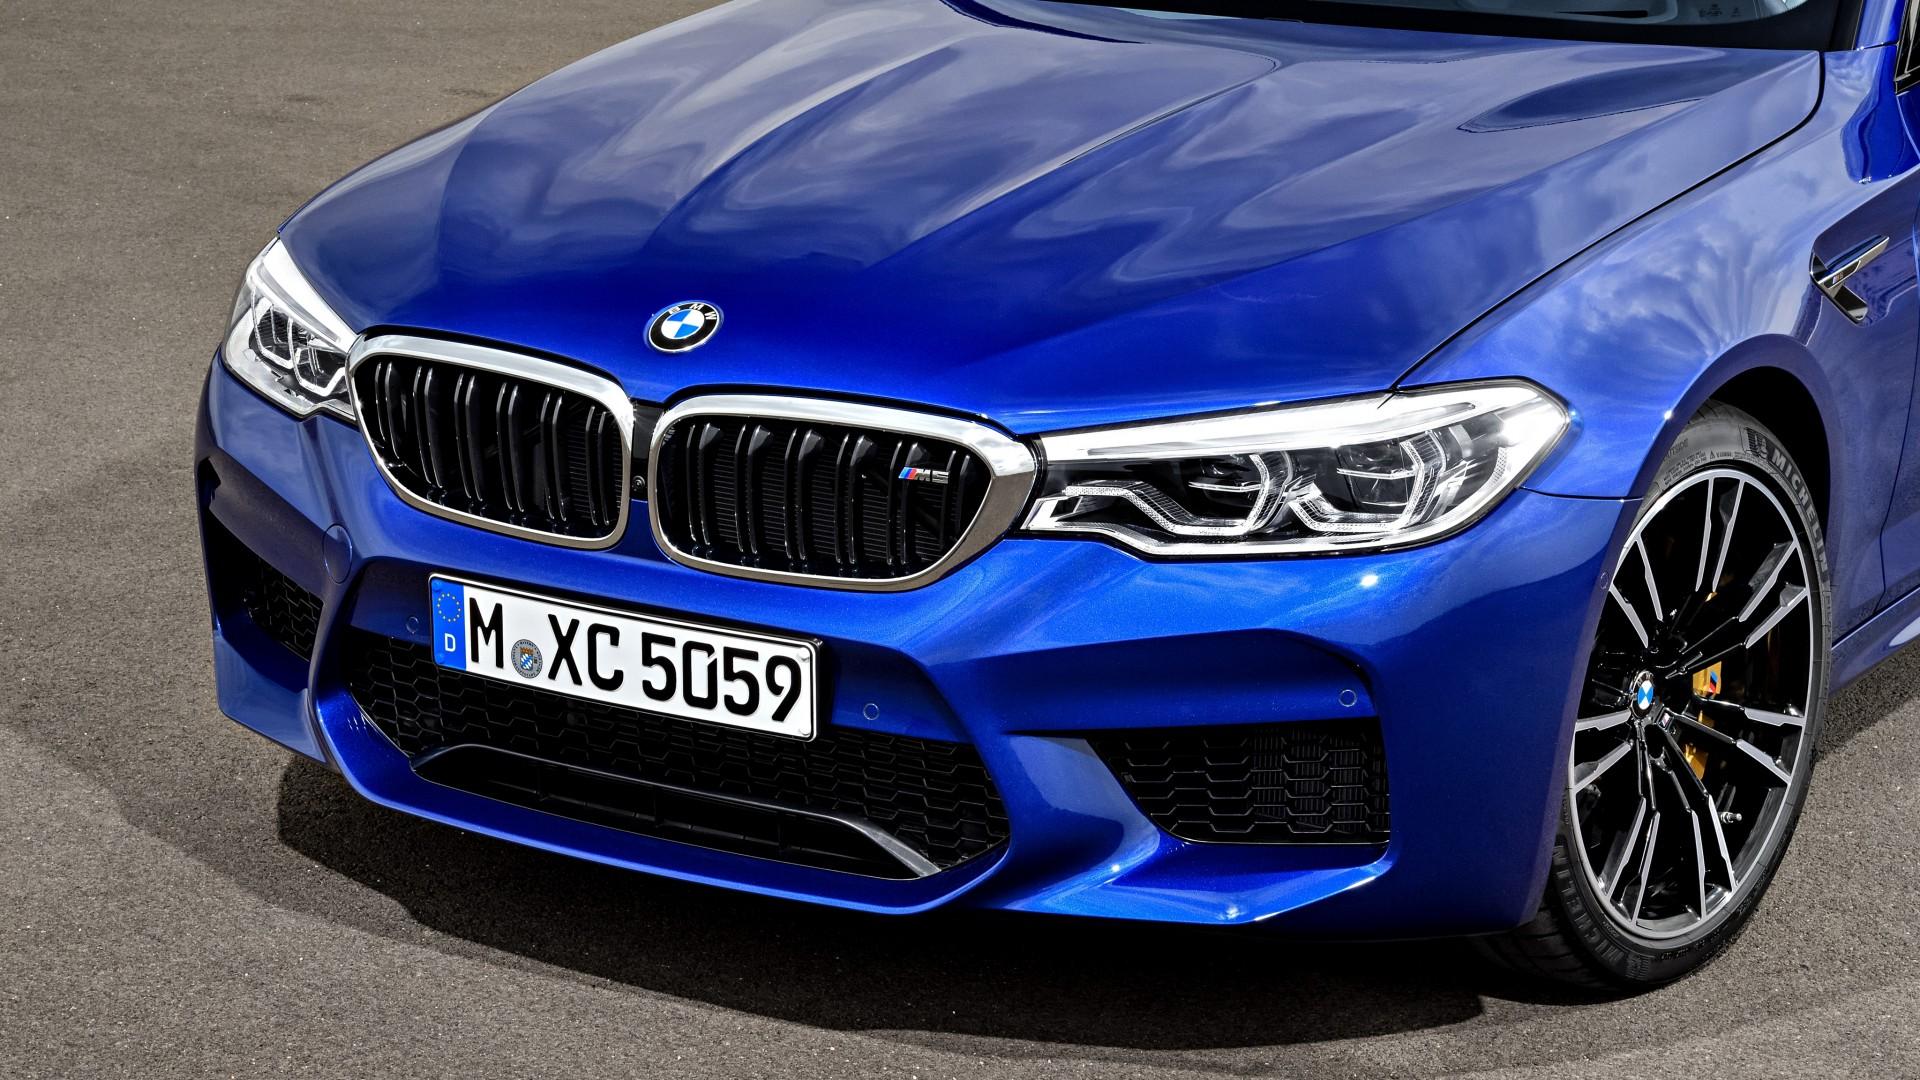 BMW M5 2018 Wallpaper | HD Car Wallpapers| ID #8275